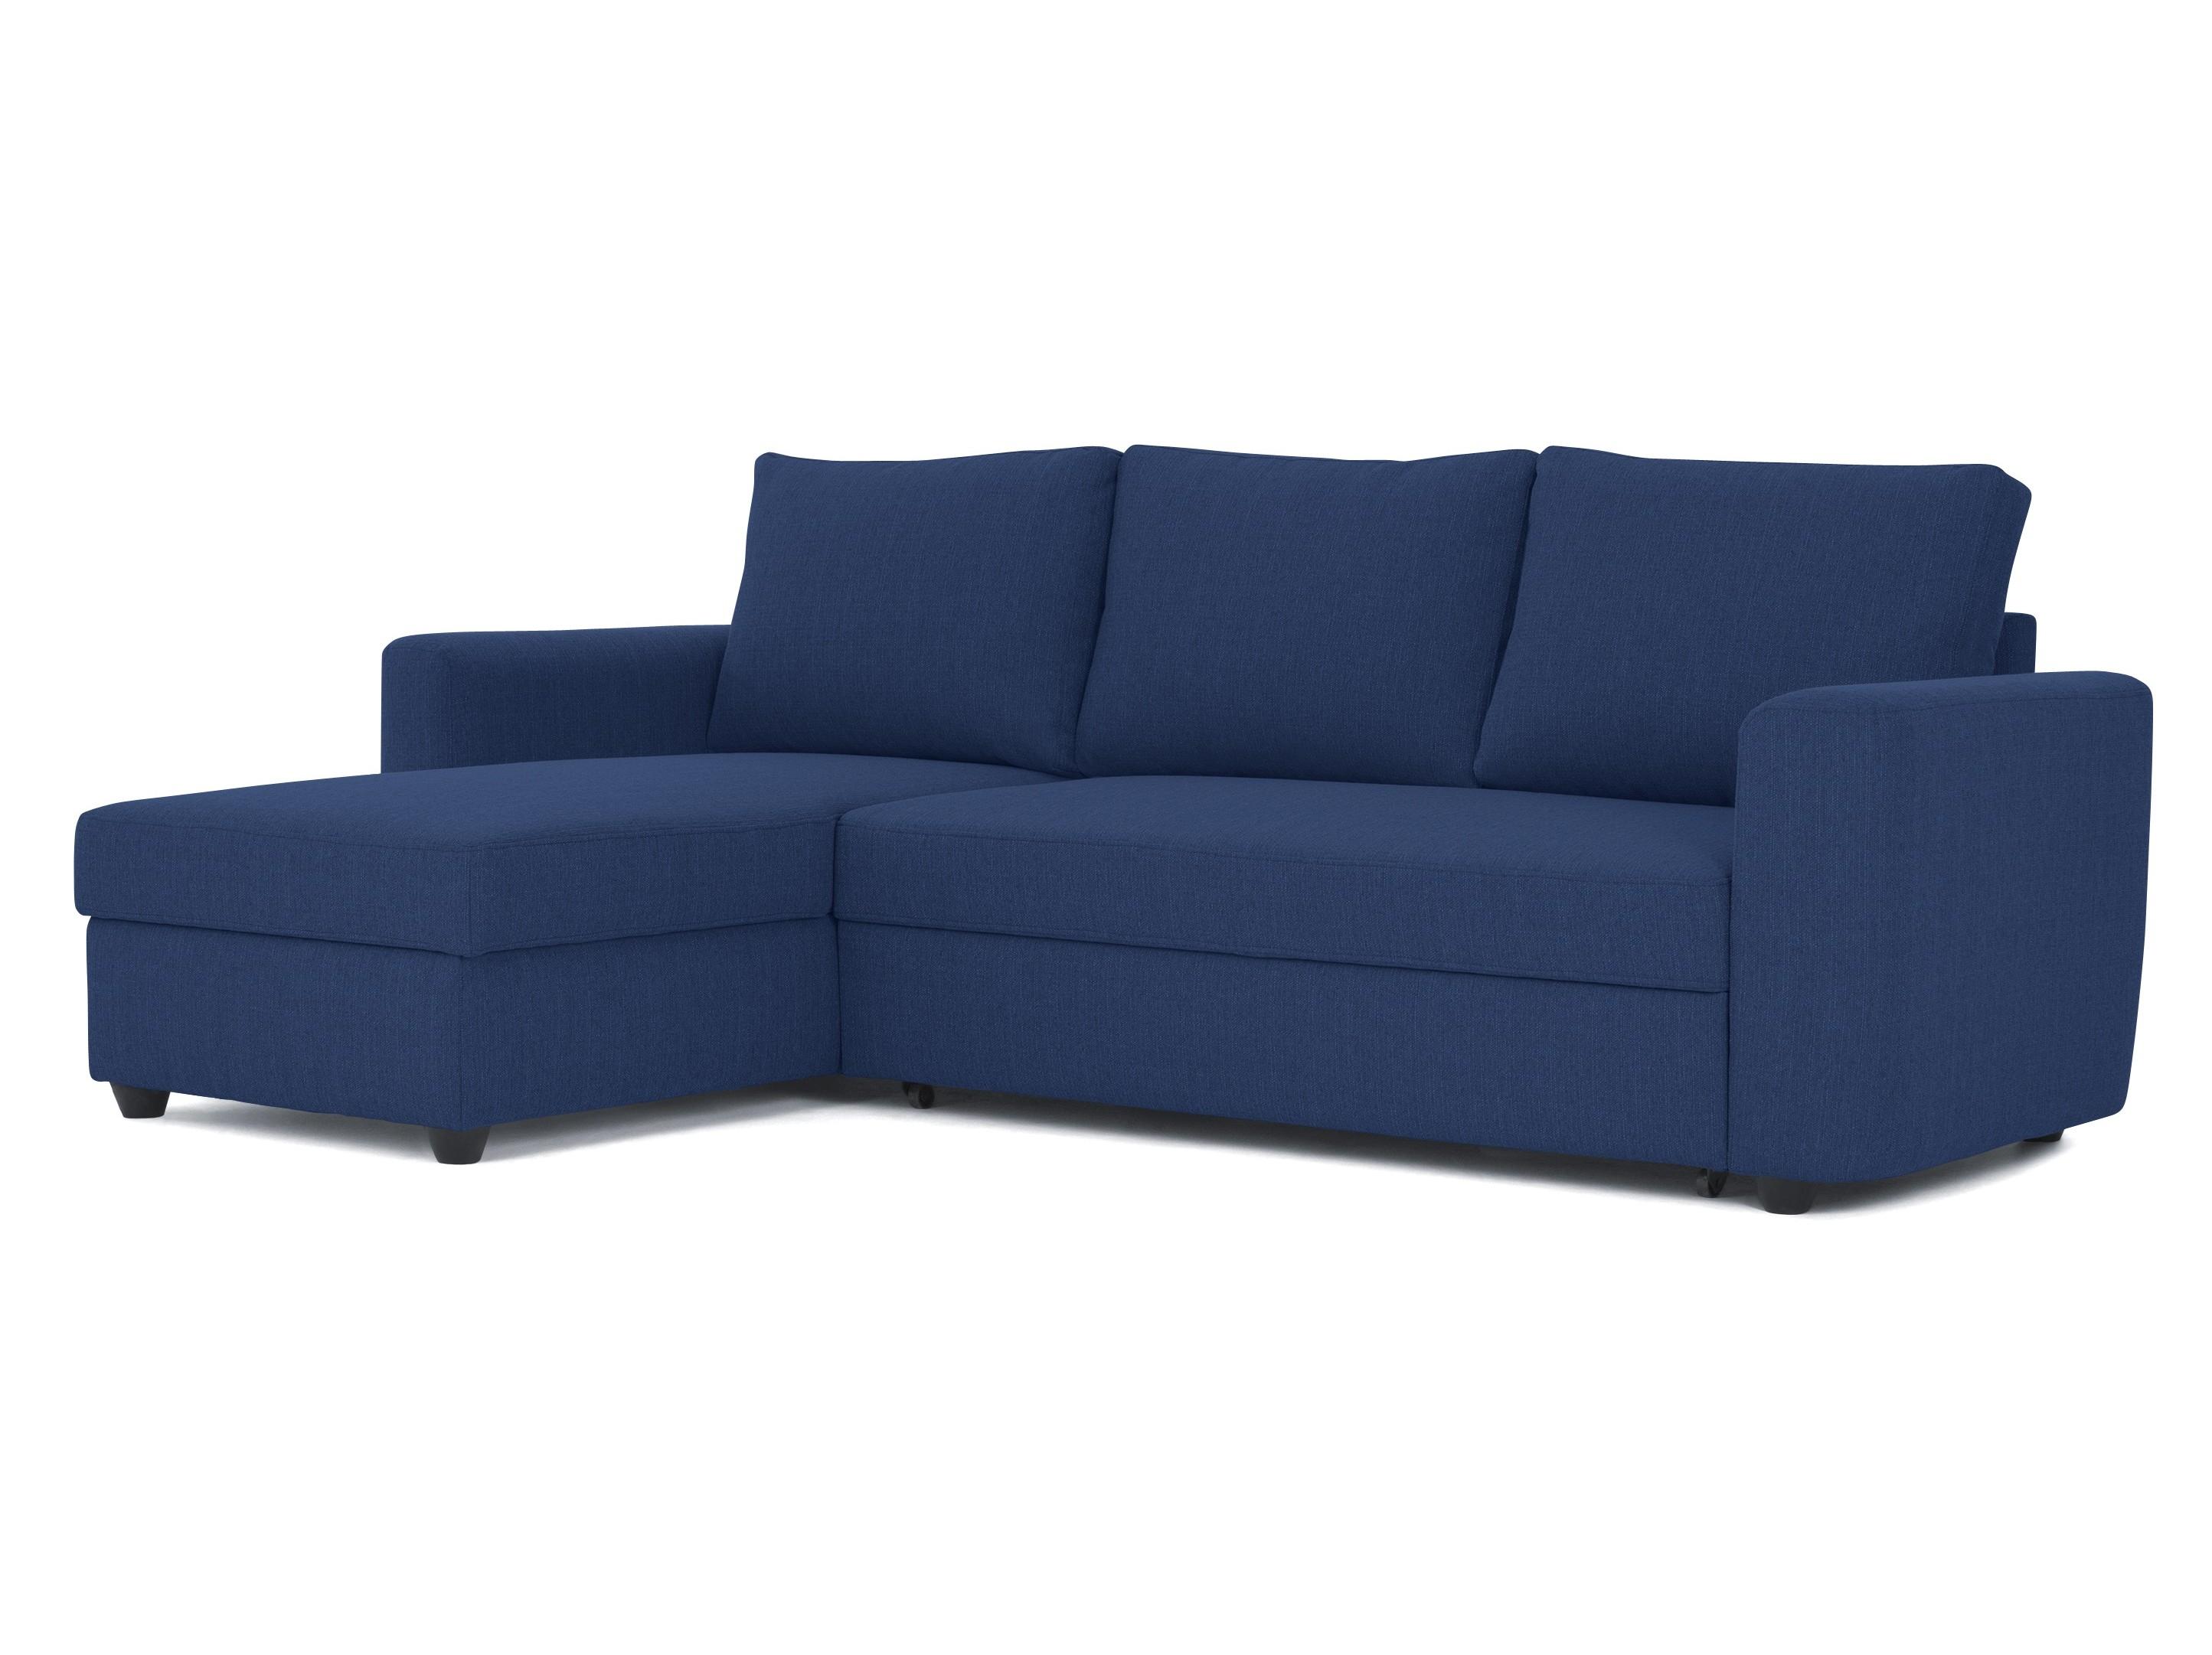 Угловой диван MarbleУгловые раскладные диваны<br>&amp;lt;div&amp;gt;&amp;lt;div&amp;gt;&amp;lt;div style=&amp;quot;font-size: 14px;&amp;quot;&amp;gt;&amp;lt;div&amp;gt;Если у вас свободного места в обрез, то разумным вложением станет диван &amp;quot;Marble&amp;quot;, ведь вы сами можете определять положение его угла. Этот комфортный угловой диван, легким движением руки, р&amp;lt;span style=&amp;quot;font-size: 14px;&amp;quot;&amp;gt;аскладывается в просторное спальное место. Идеальное решение для самых внезапных гостей.&amp;lt;/span&amp;gt;&amp;lt;/div&amp;gt;&amp;lt;div&amp;gt;&amp;lt;br&amp;gt;&amp;lt;/div&amp;gt;&amp;lt;/div&amp;gt;&amp;lt;div style=&amp;quot;font-size: 14px;&amp;quot;&amp;gt;Возможность менять сторону угла (правый,левый).&amp;amp;nbsp;&amp;lt;/div&amp;gt;&amp;lt;div style=&amp;quot;font-size: 14px;&amp;quot;&amp;gt;&amp;lt;span style=&amp;quot;font-size: 14px;&amp;quot;&amp;gt;Ламели включены в стоимость.&amp;amp;nbsp;&amp;lt;/span&amp;gt;&amp;lt;br&amp;gt;&amp;lt;/div&amp;gt;&amp;lt;div style=&amp;quot;font-size: 14px;&amp;quot;&amp;gt;&amp;lt;span style=&amp;quot;font-size: 14px;&amp;quot;&amp;gt;Раскладной механизм: дельфин.&amp;lt;/span&amp;gt;&amp;lt;br&amp;gt;&amp;lt;/div&amp;gt;&amp;lt;div style=&amp;quot;font-size: 14px;&amp;quot;&amp;gt;&amp;lt;span style=&amp;quot;font-size: 14px;&amp;quot;&amp;gt;Вместительный ящик для белья (149х19x64cm)&amp;lt;/span&amp;gt;&amp;lt;br&amp;gt;&amp;lt;/div&amp;gt;&amp;lt;div style=&amp;quot;font-size: 14px;&amp;quot;&amp;gt;Размер спального места: 200х140 см.&amp;lt;br&amp;gt;&amp;lt;/div&amp;gt;&amp;lt;div style=&amp;quot;font-size: 14px;&amp;quot;&amp;gt;&amp;lt;br&amp;gt;&amp;lt;/div&amp;gt;&amp;lt;span style=&amp;quot;font-size: 14px;&amp;quot;&amp;gt;Материал: бук, текстиль.&amp;amp;nbsp;&amp;lt;/span&amp;gt;&amp;lt;div style=&amp;quot;font-size: 14px;&amp;quot;&amp;gt;Корпус: массив, фанера.&amp;lt;/div&amp;gt;&amp;lt;/div&amp;gt;&amp;lt;/div&amp;gt;<br><br>Material: Текстиль<br>Ширина см: 243<br